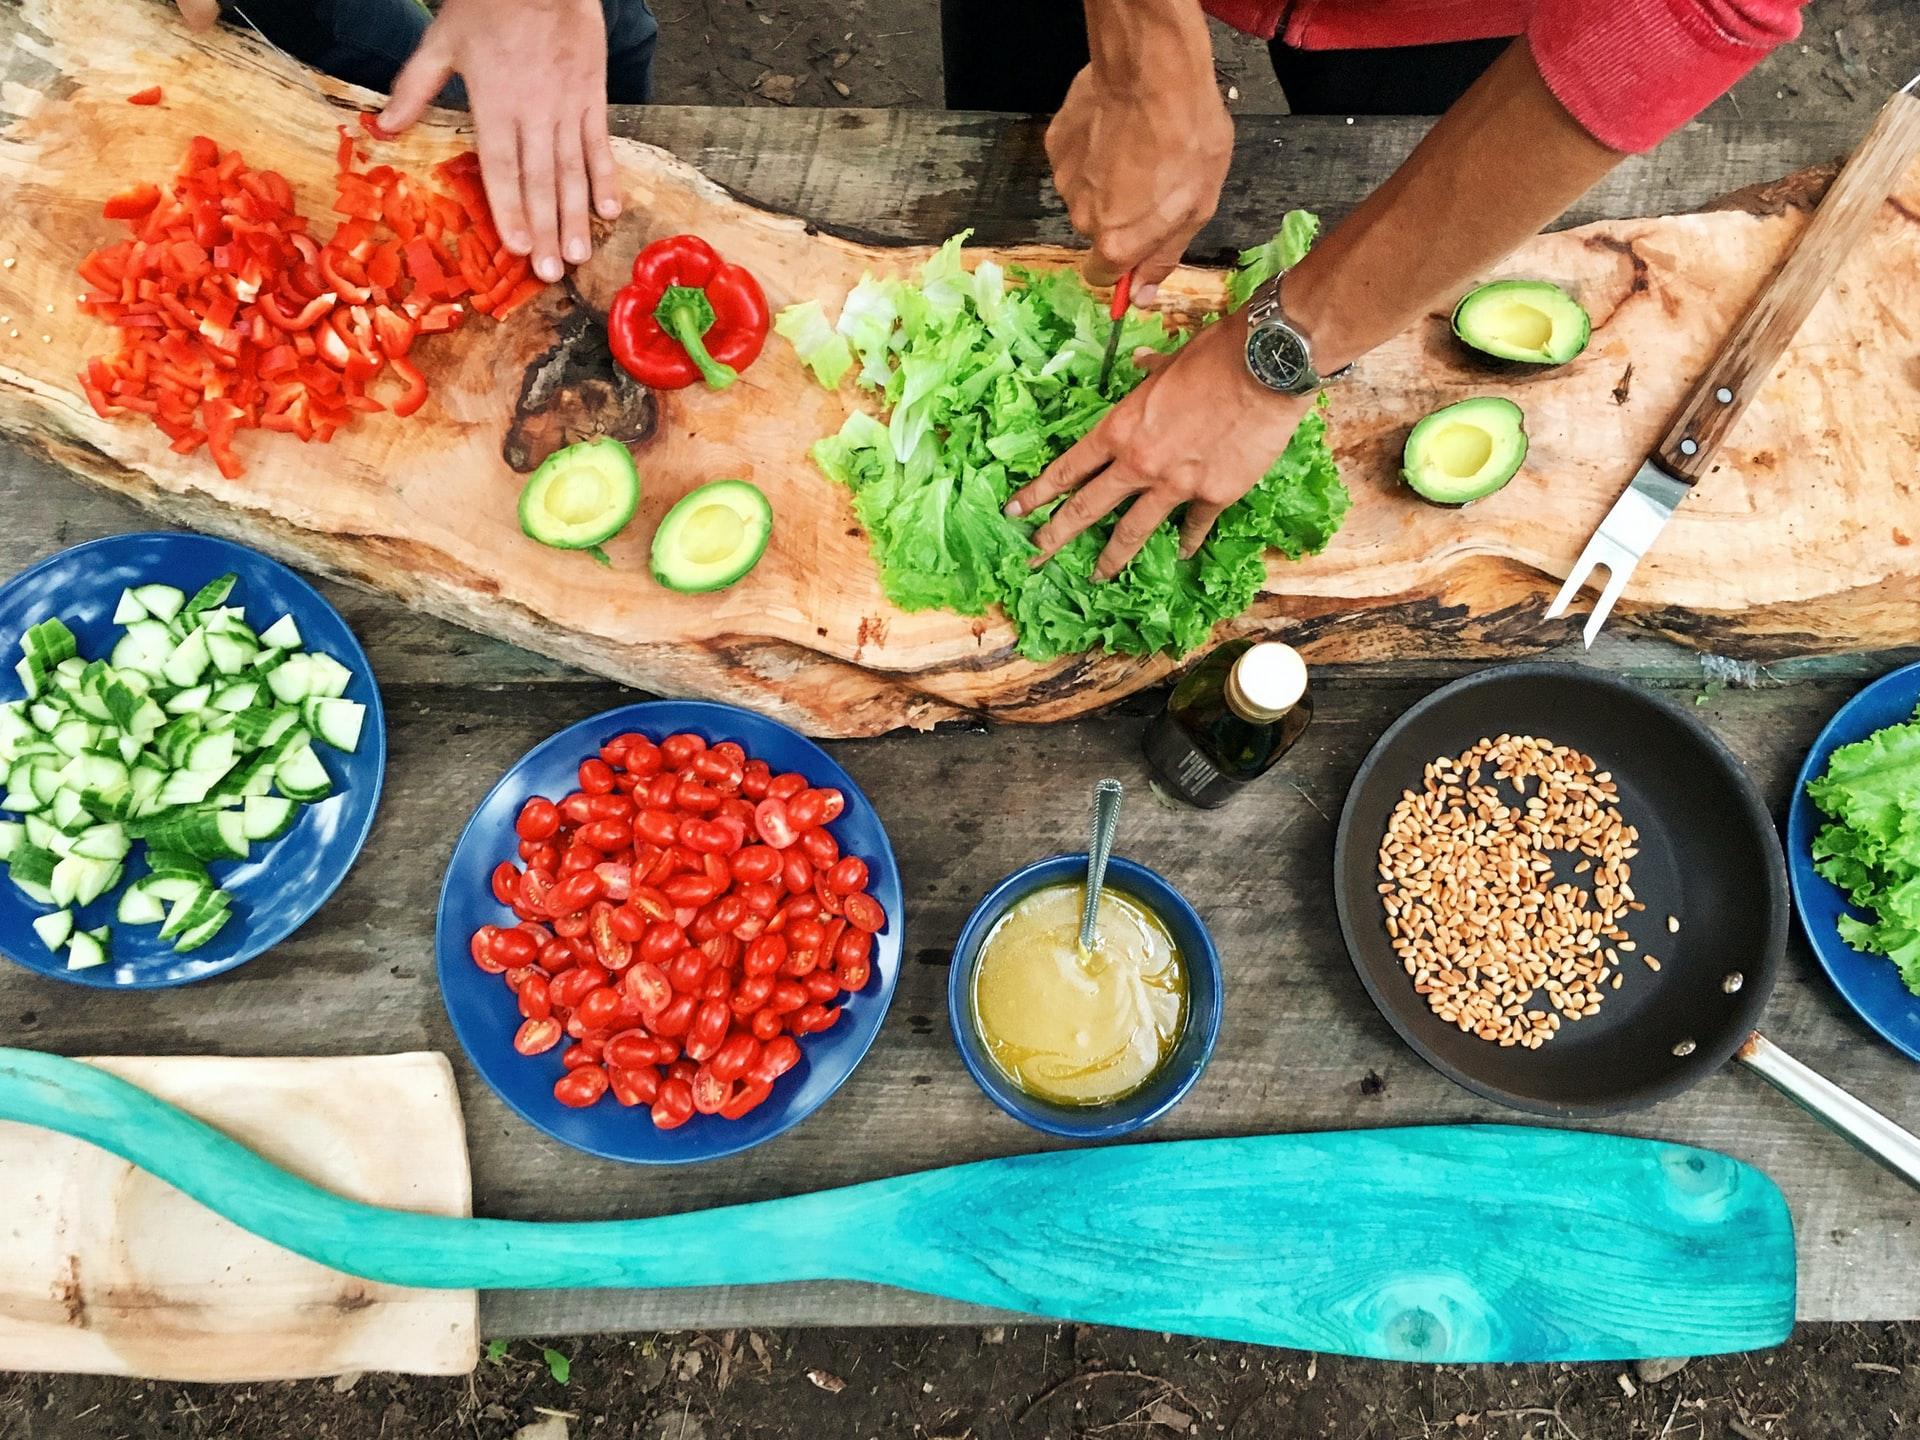 Συμβουλές διατροφής για προστασία από τον καύσωνα